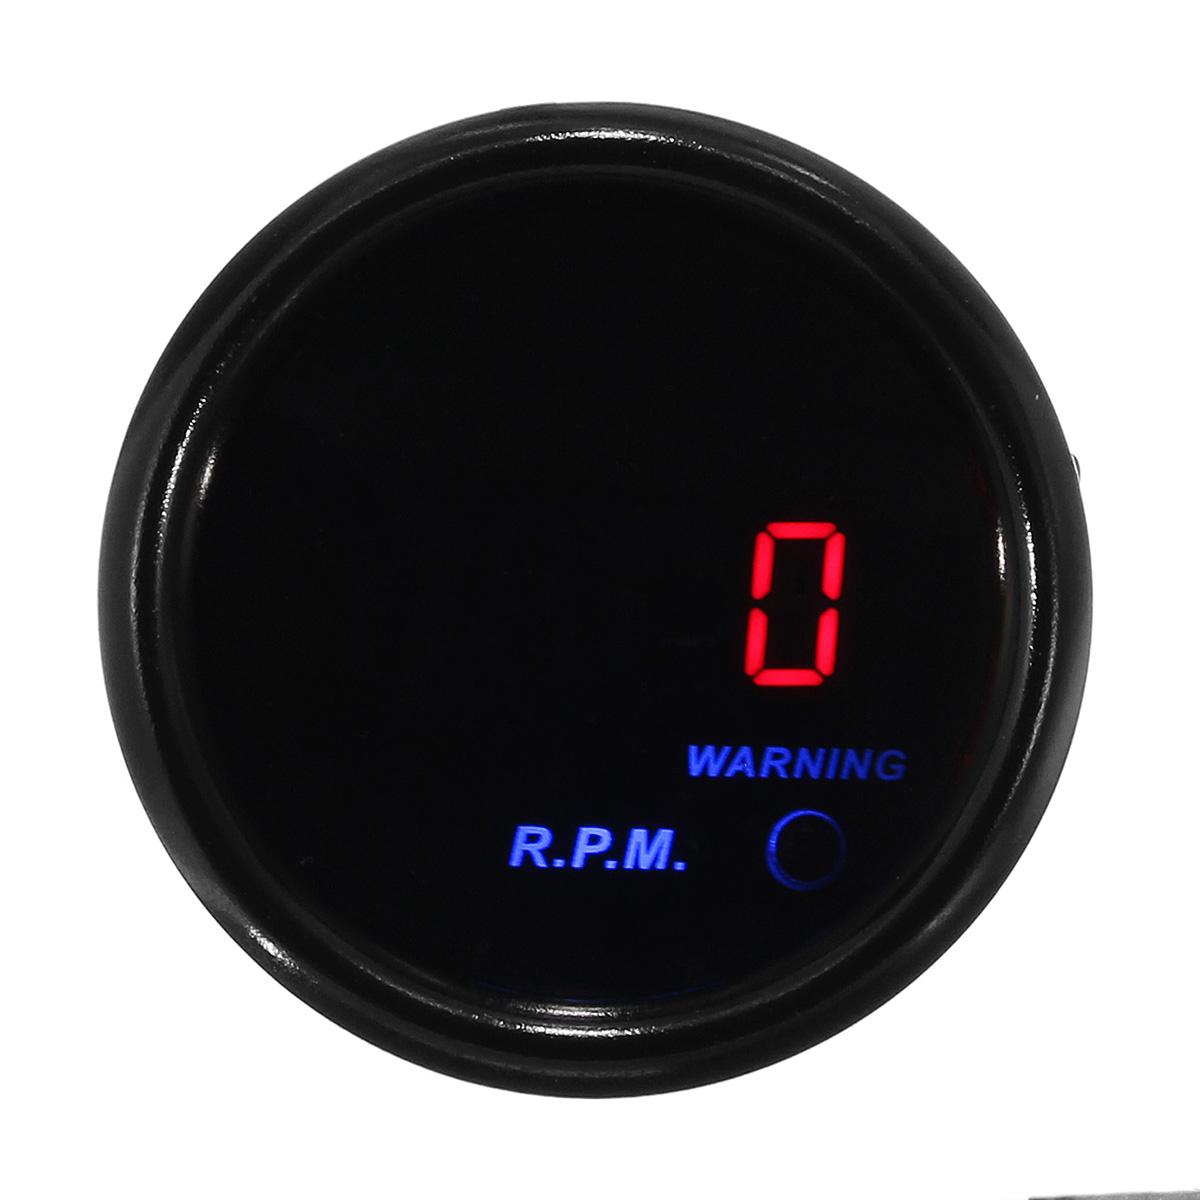 Дюйма 52 мм 0-9000 об / мин тахометр тахометр цифровой LED Дисплей черный измеритель лица